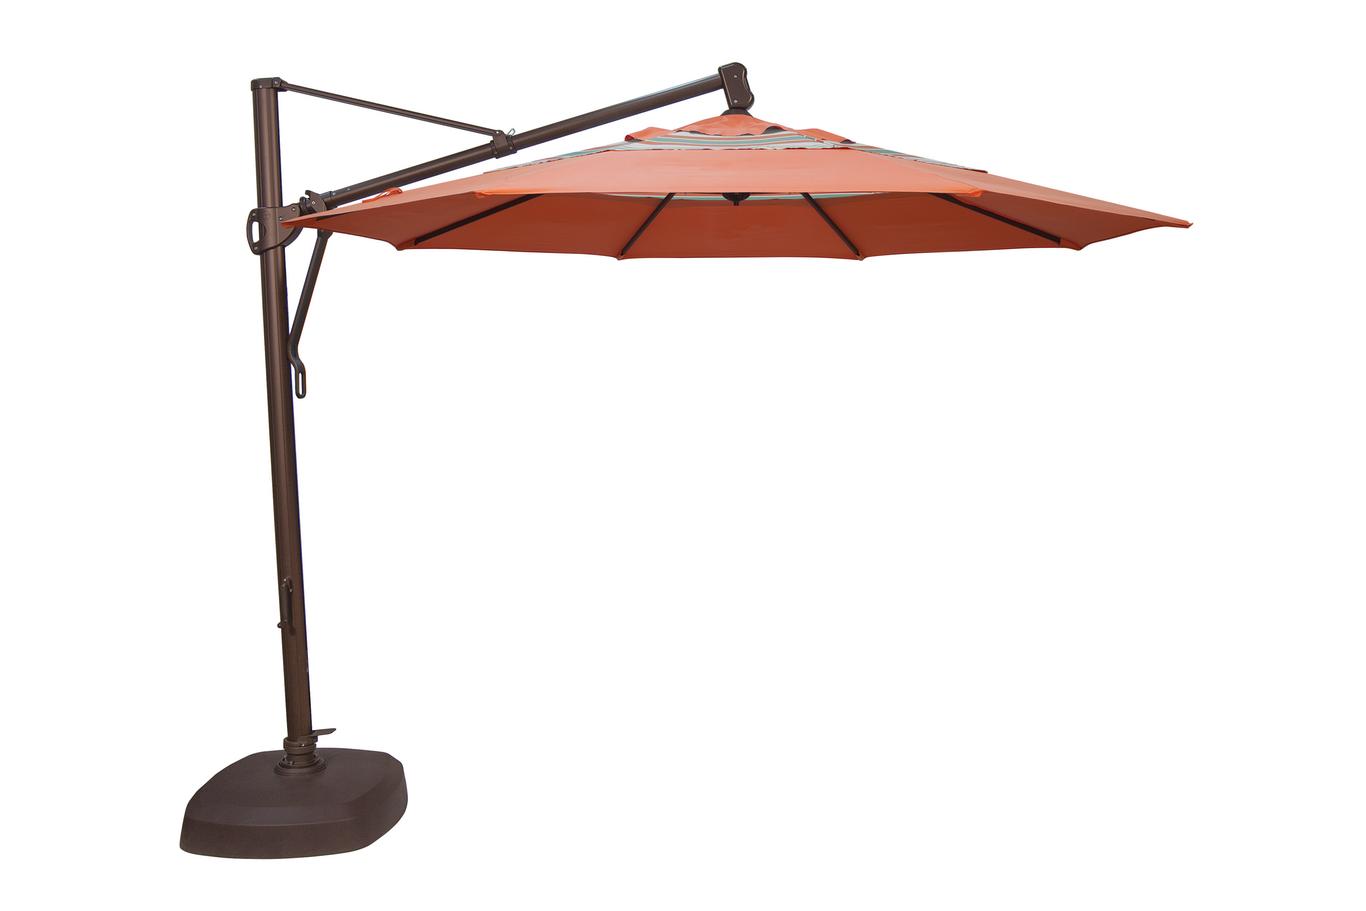 treasure garden cantilever umbrella akz 11 octagonal umbrella - Treasure Garden Umbrella